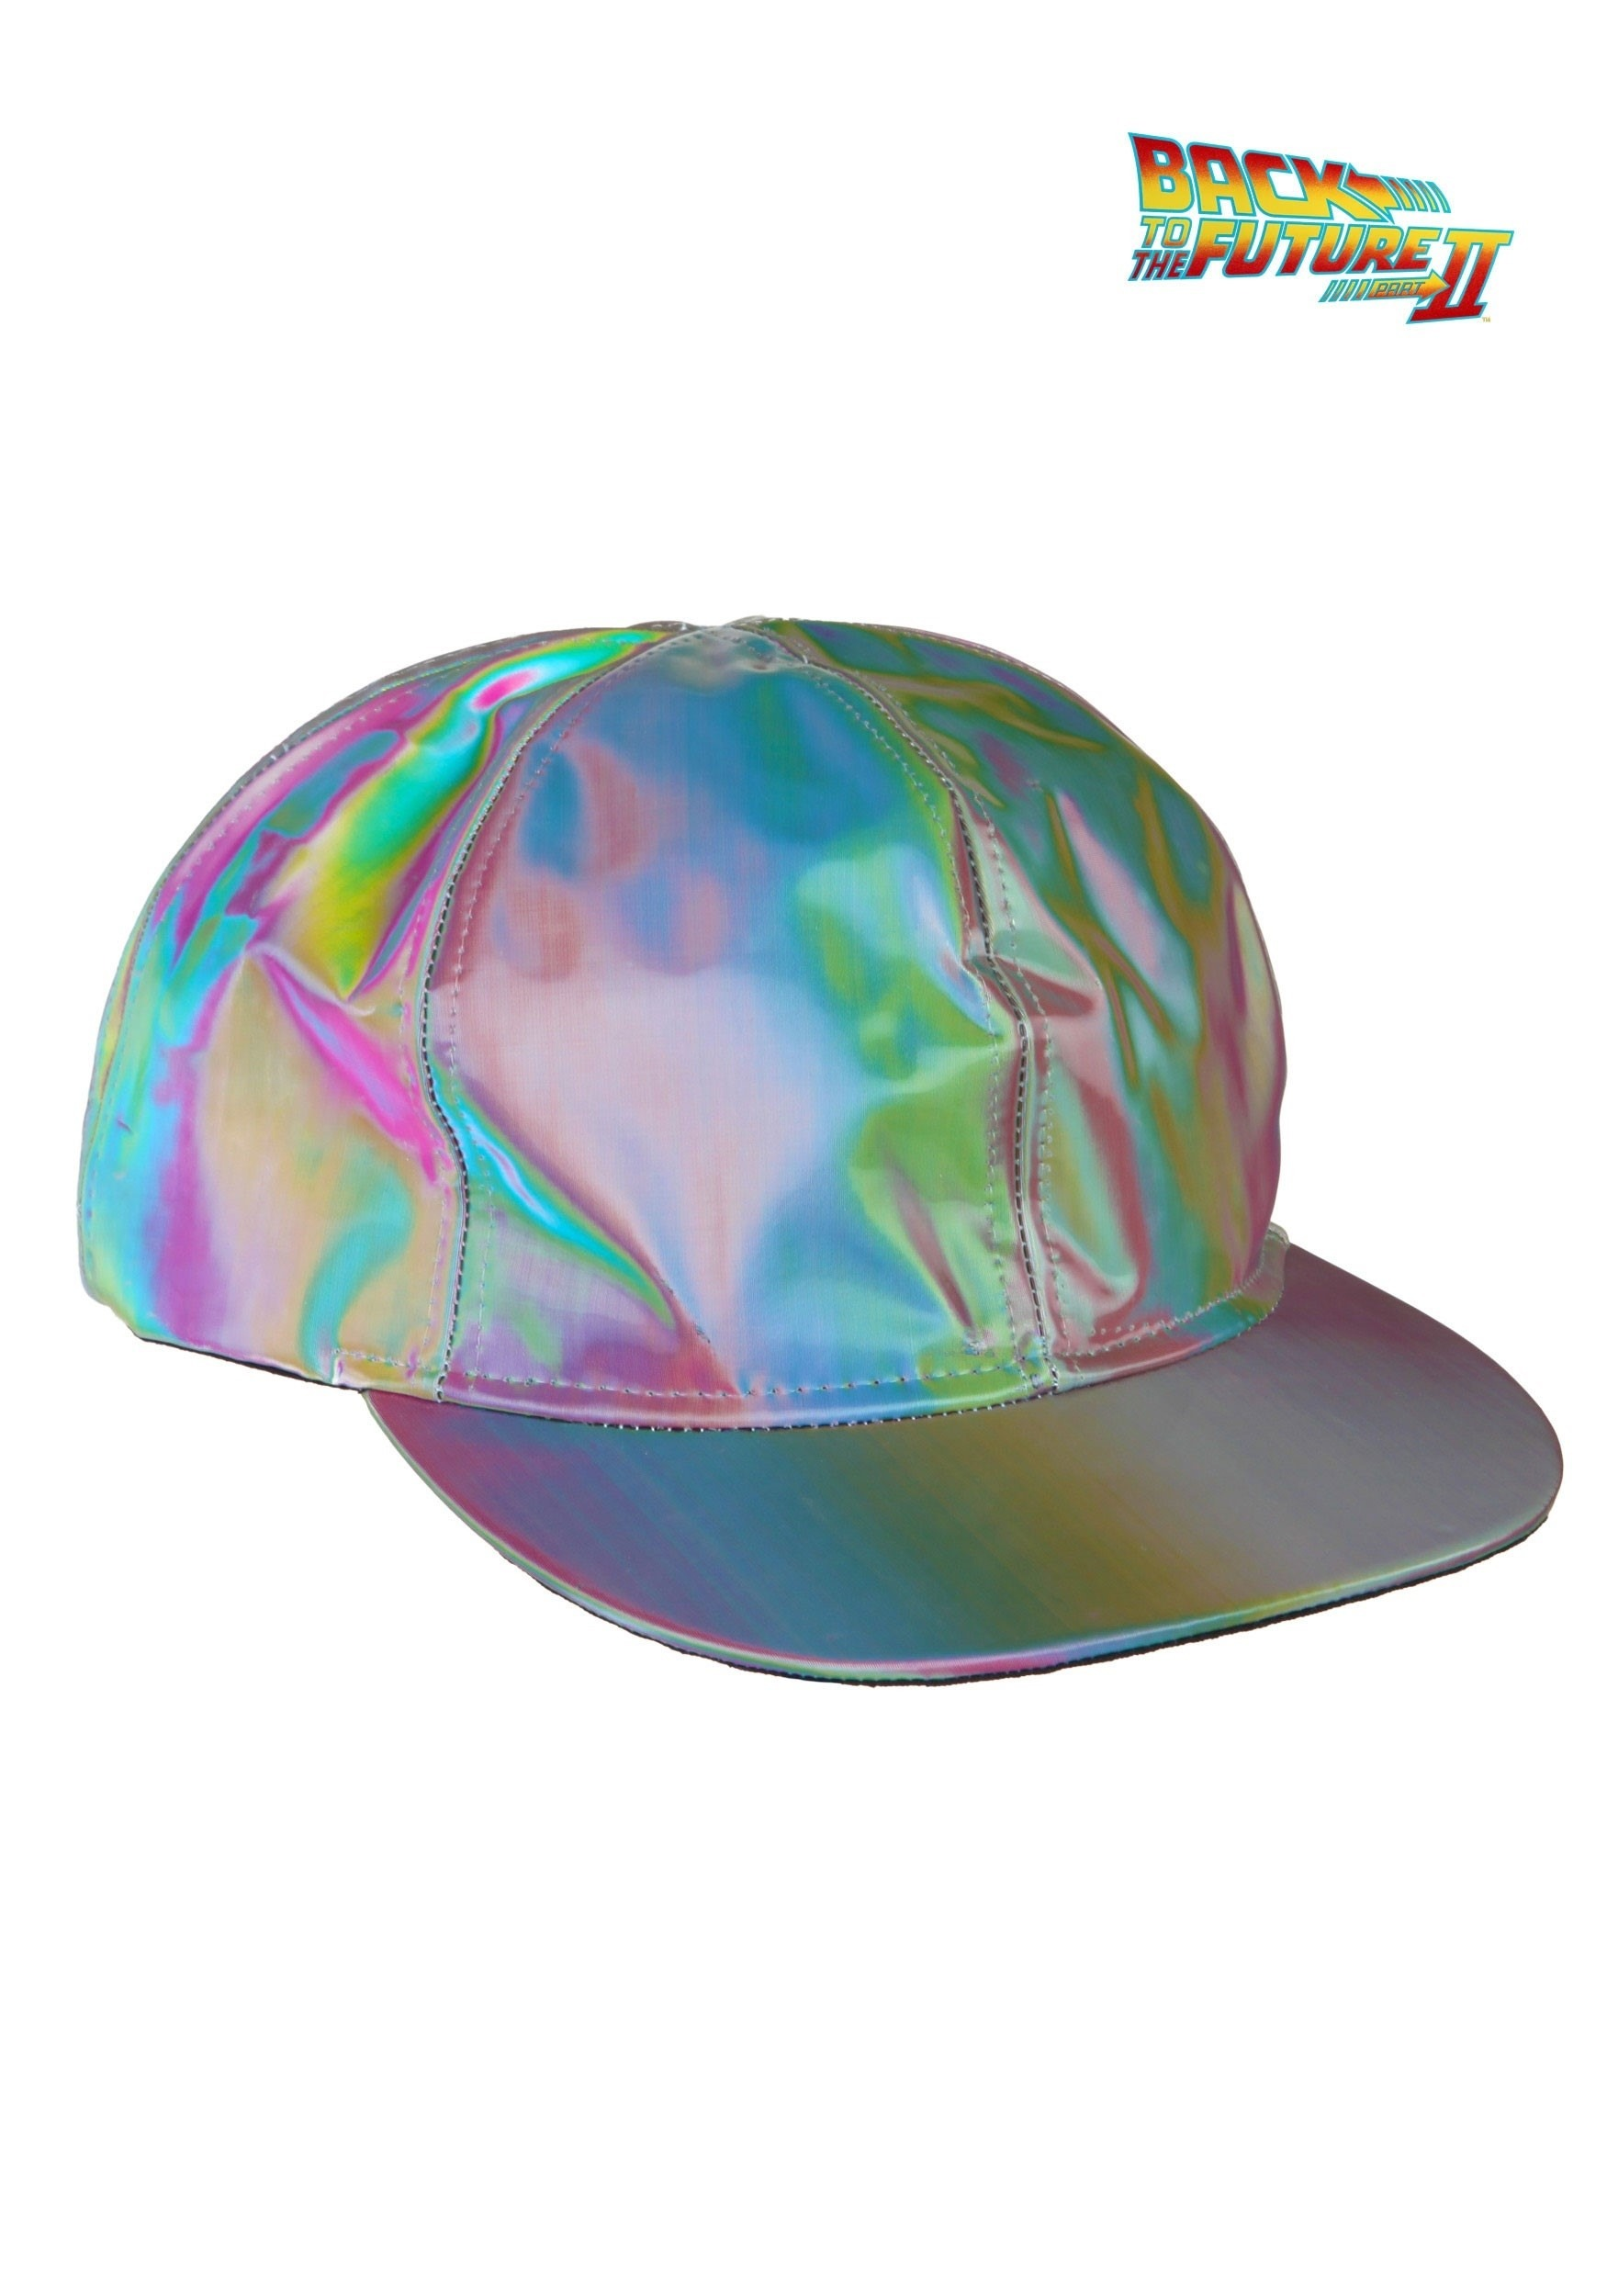 Costume Hats - Adult 6e9ba7c636c2